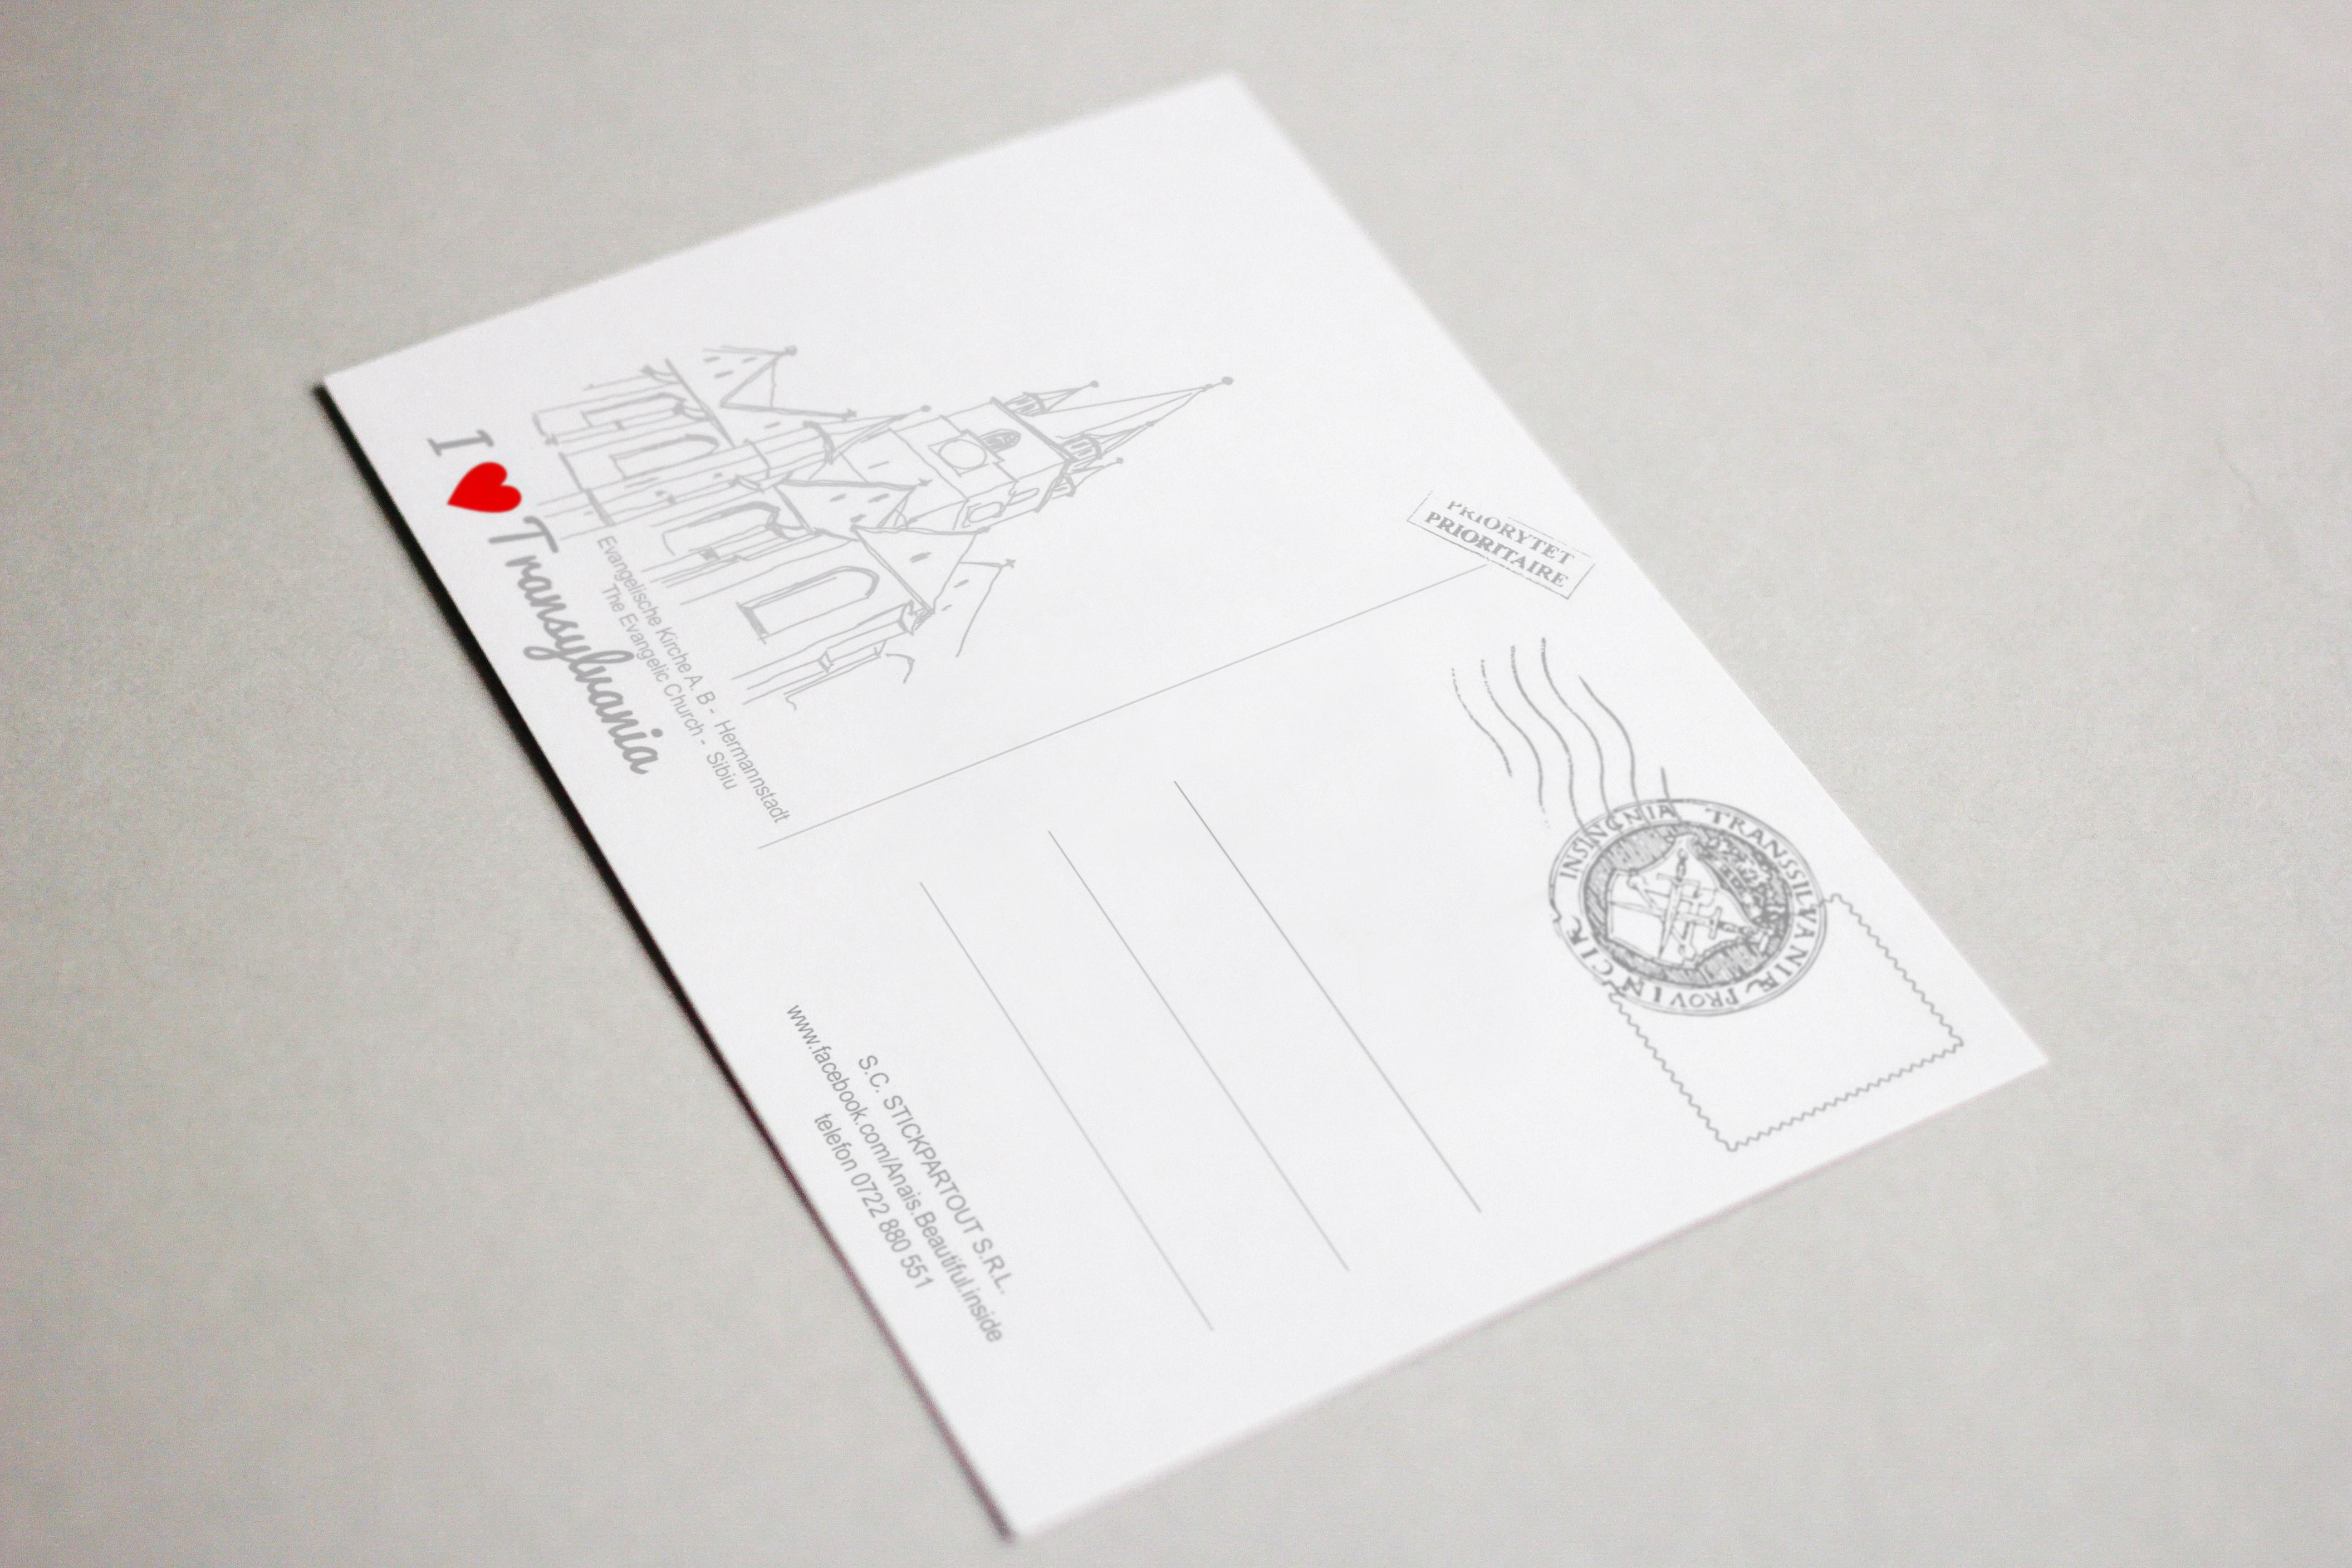 Carte postala Biserica Evanghelica, suvenir Sibiu 2